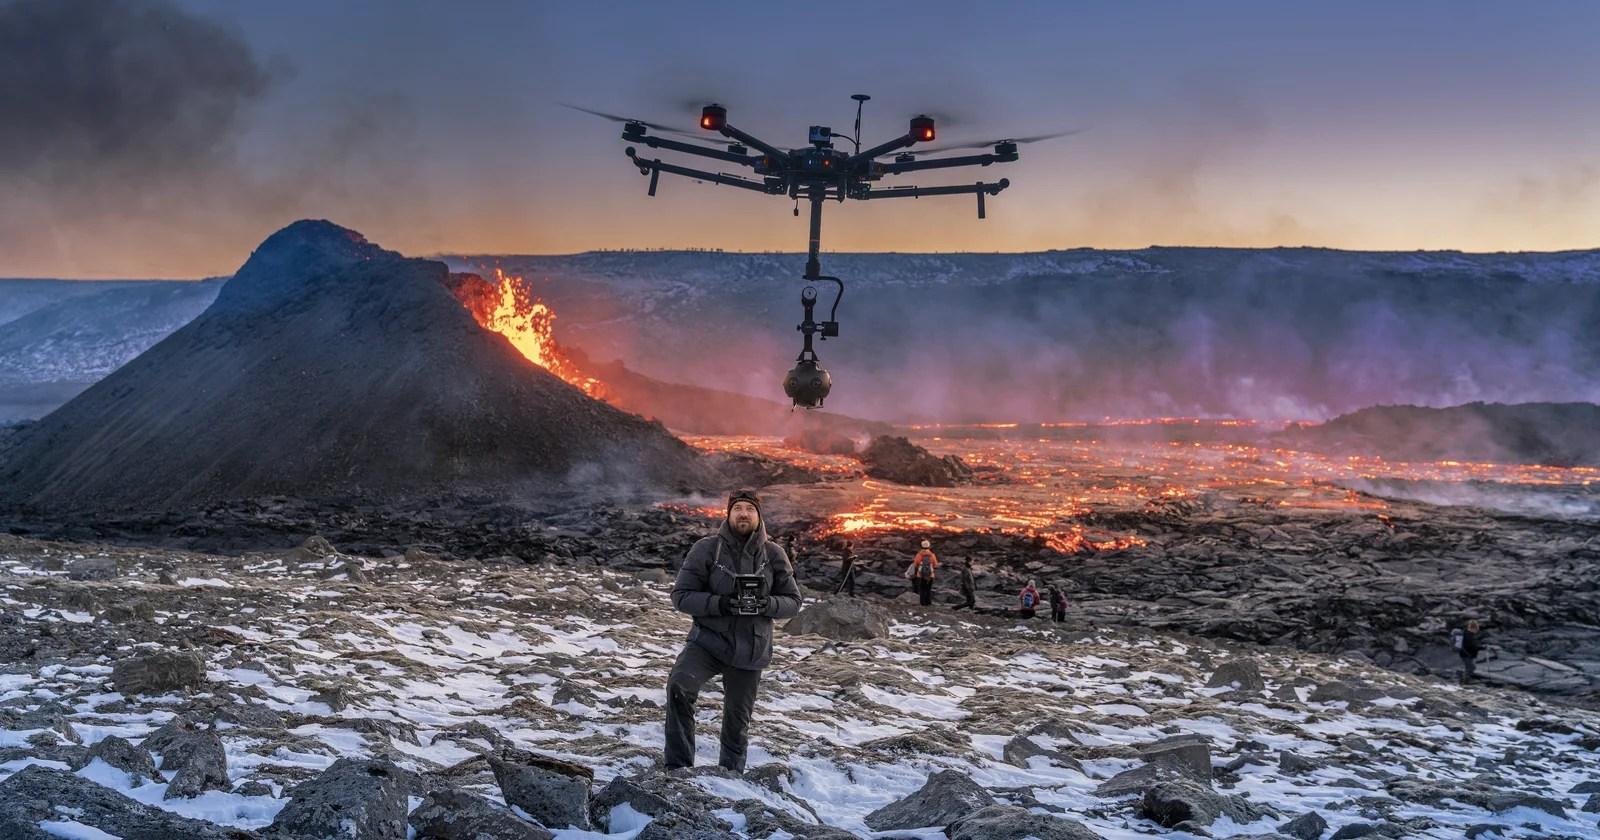 Duo cattura il primo video di un drone VR 8K sul vulcano islandese